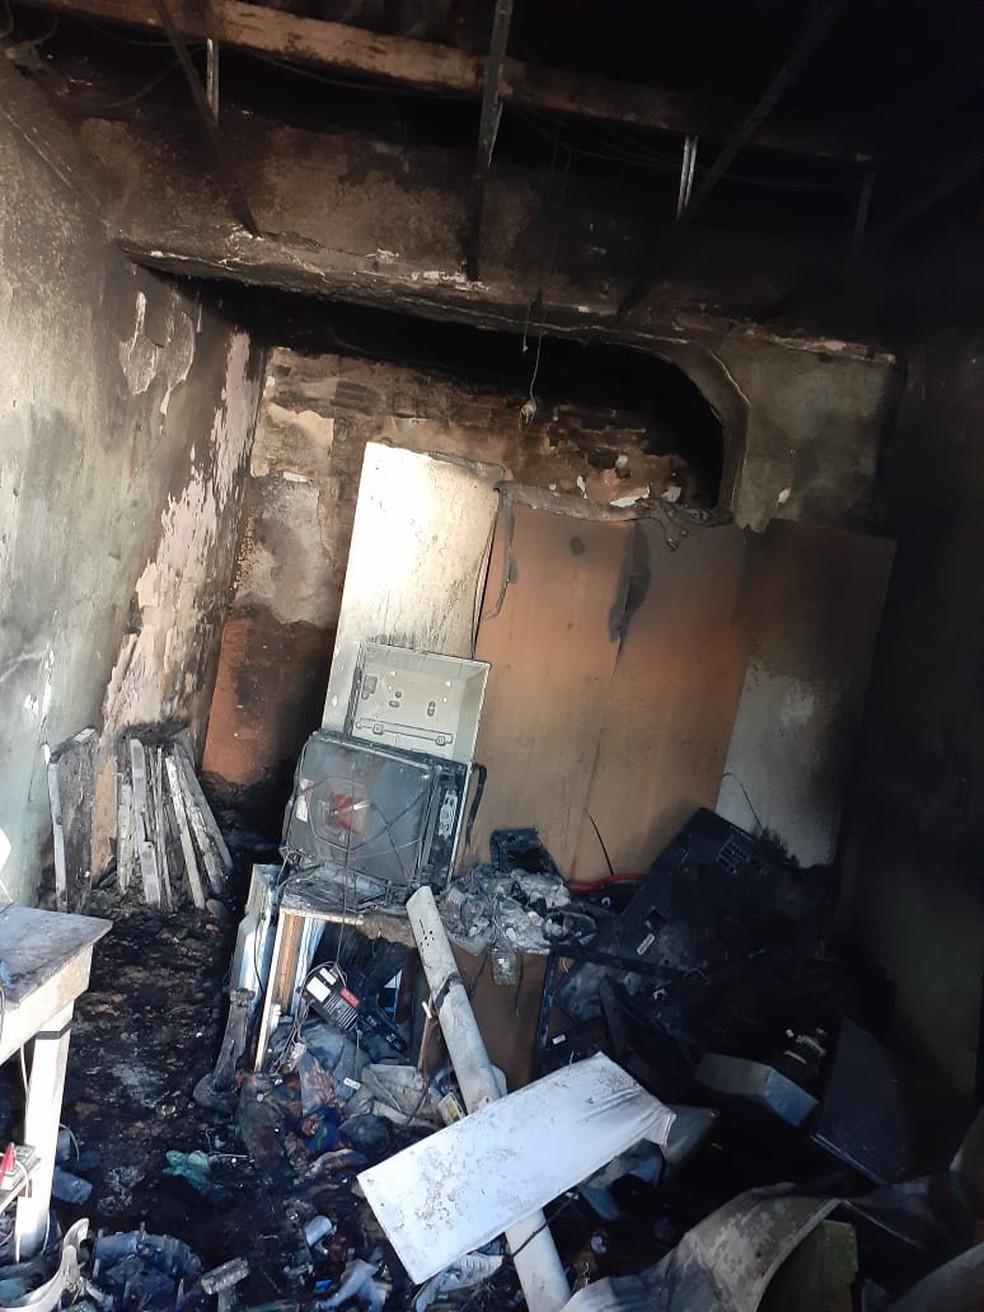 A casa ficou destruída após o incêndio registrado nesta quarta (22), no Bairro Antônio Bezerra, em Fortaleza — Foto: Divulgação/PMCE